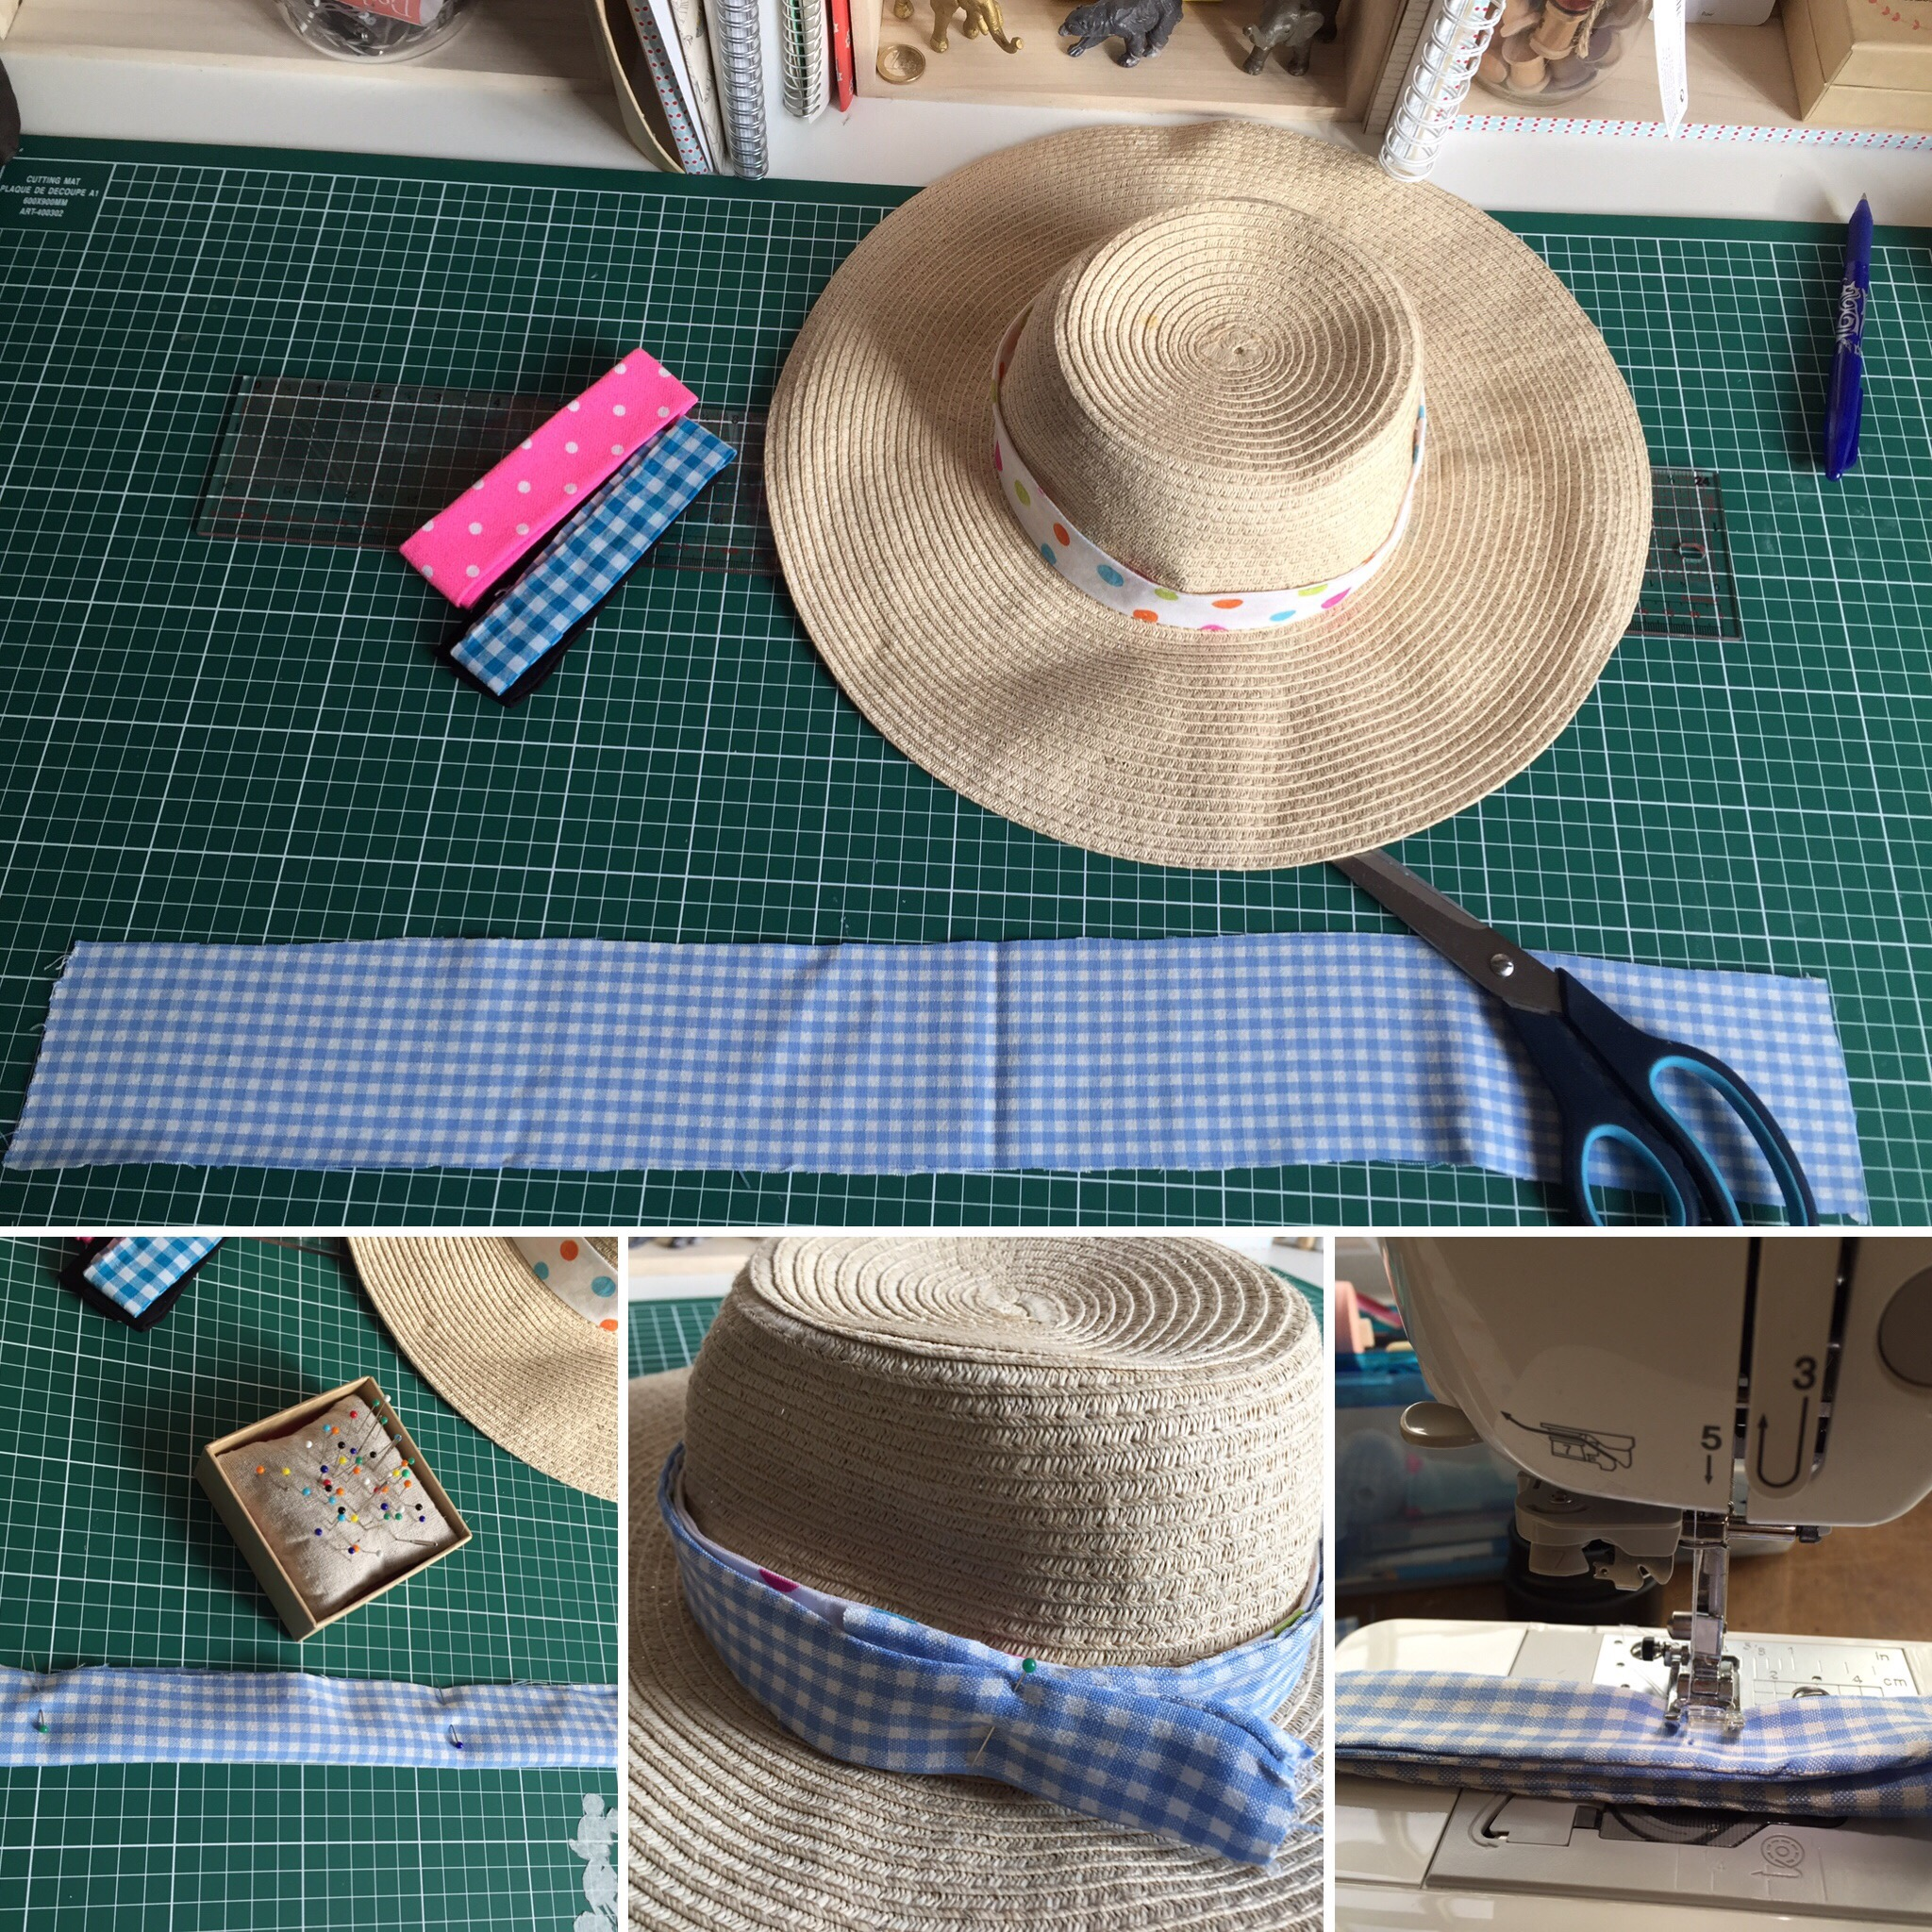 couture pour personnaliser son chapeau de paille atelier cricracroc by chris humeurs et fantaisies. Black Bedroom Furniture Sets. Home Design Ideas